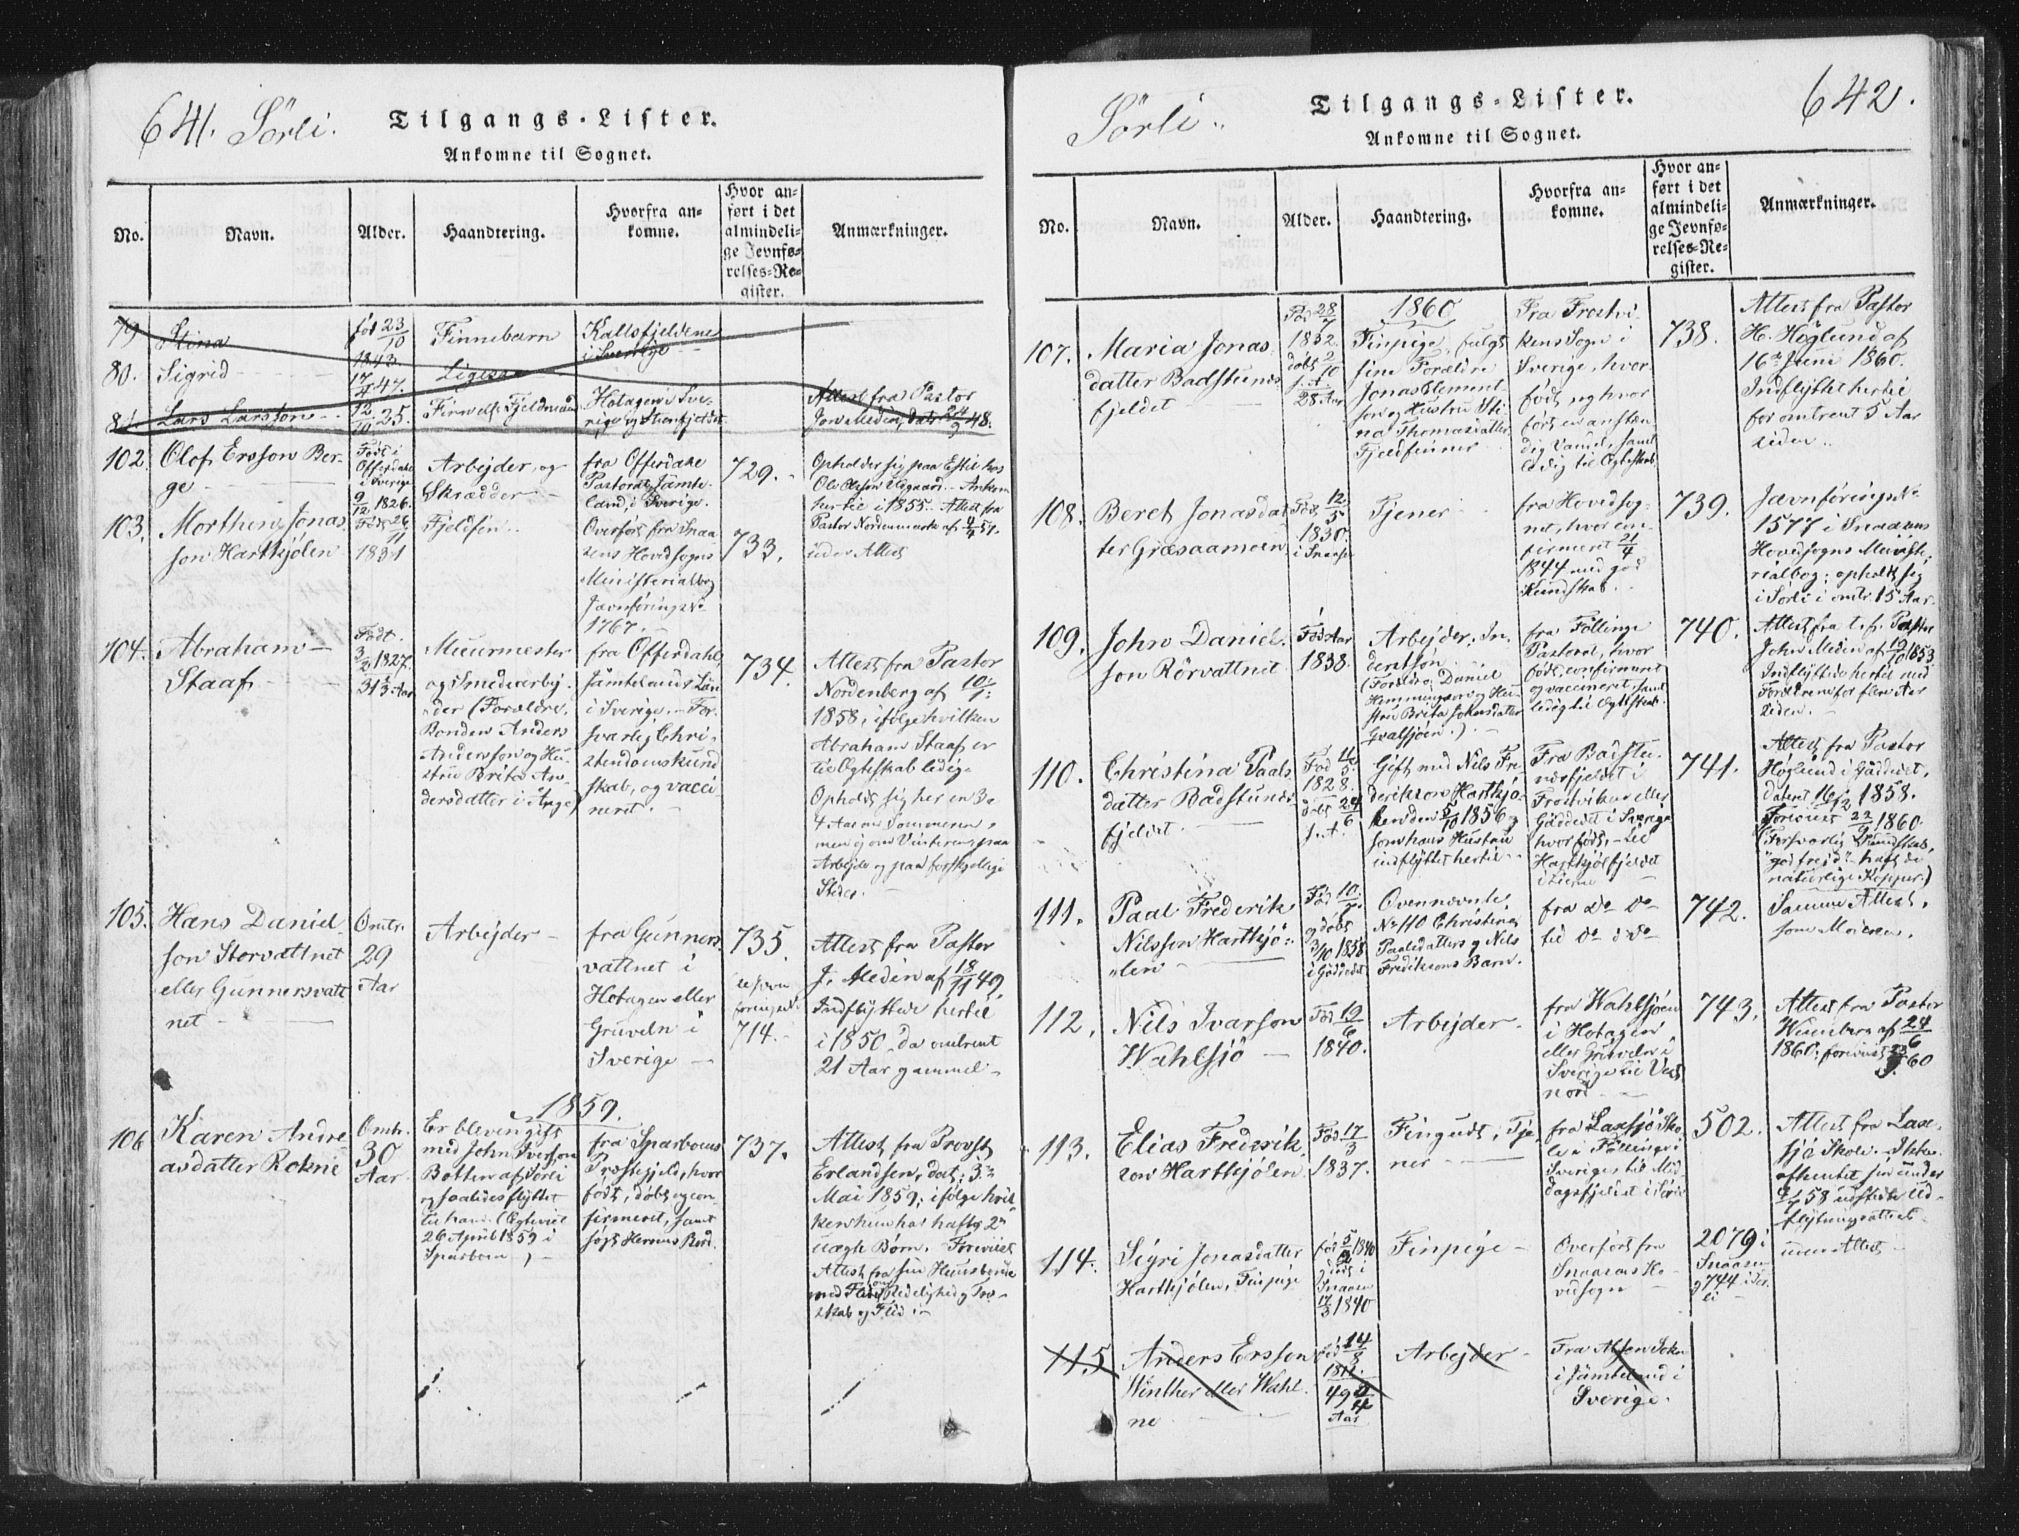 SAT, Ministerialprotokoller, klokkerbøker og fødselsregistre - Nord-Trøndelag, 755/L0491: Ministerialbok nr. 755A01 /2, 1817-1864, s. 641-642